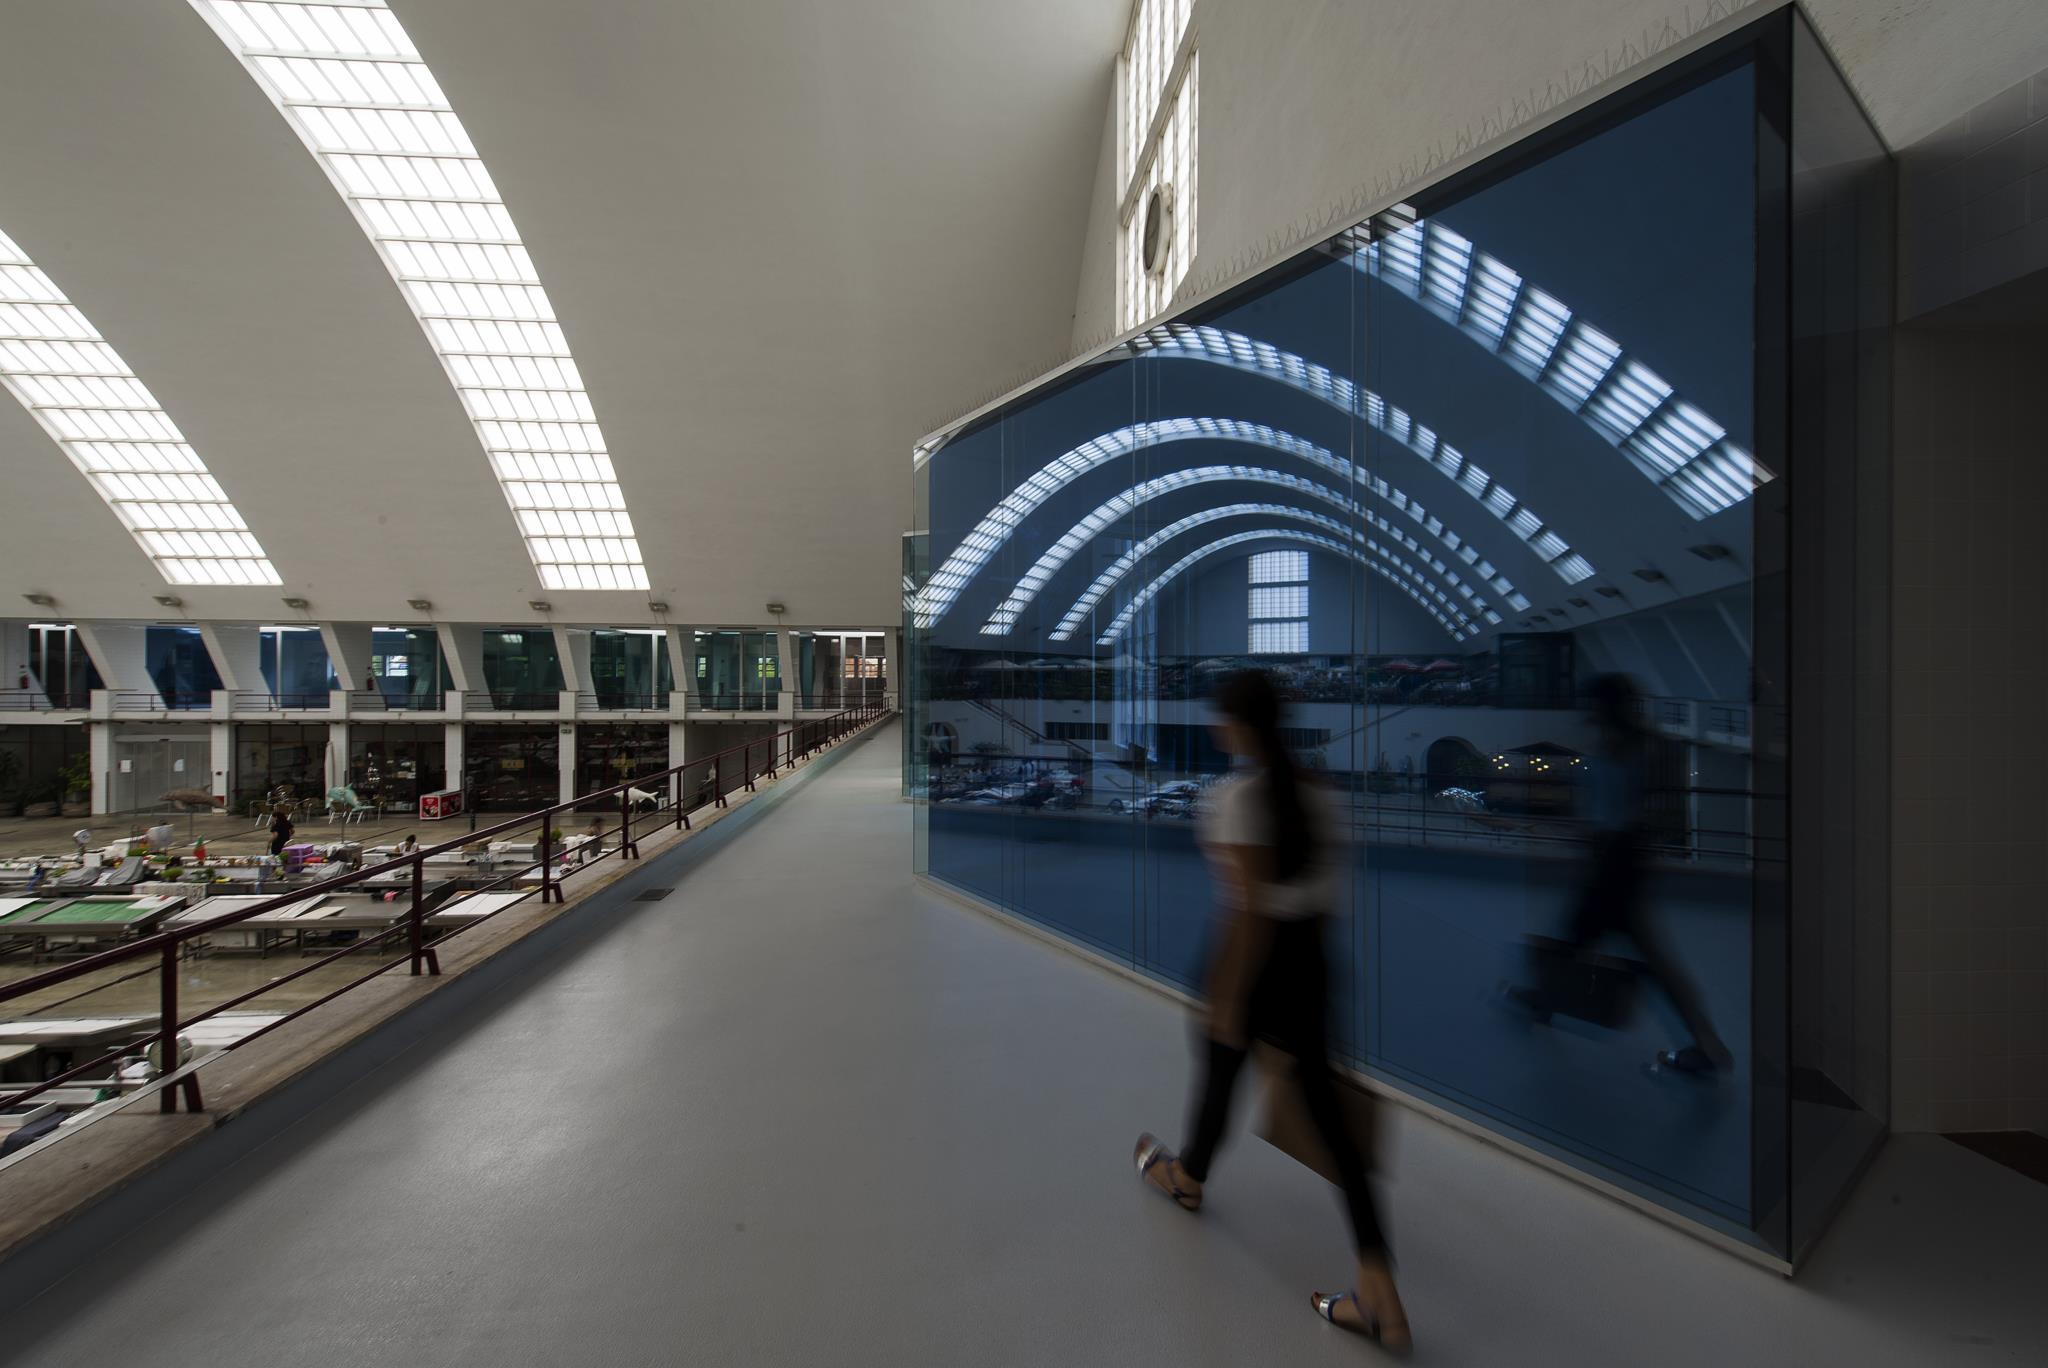 PÚBLICO - Porto e Matosinhos anunciam bienal de design para 2019